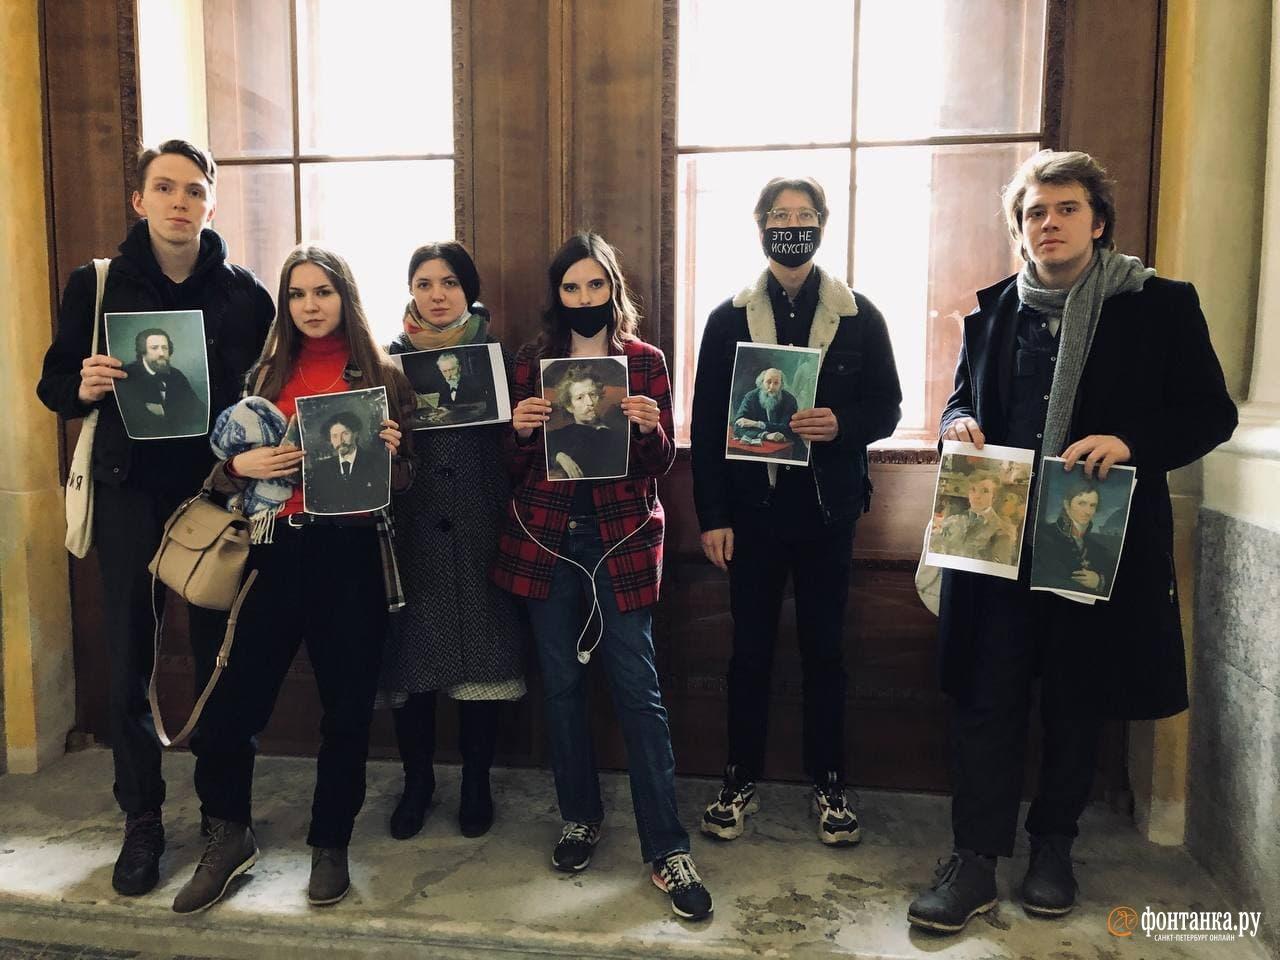 """Студенты Академии художеств выразили протест выставке Васильевой. Фото © """"Фонтанка"""""""